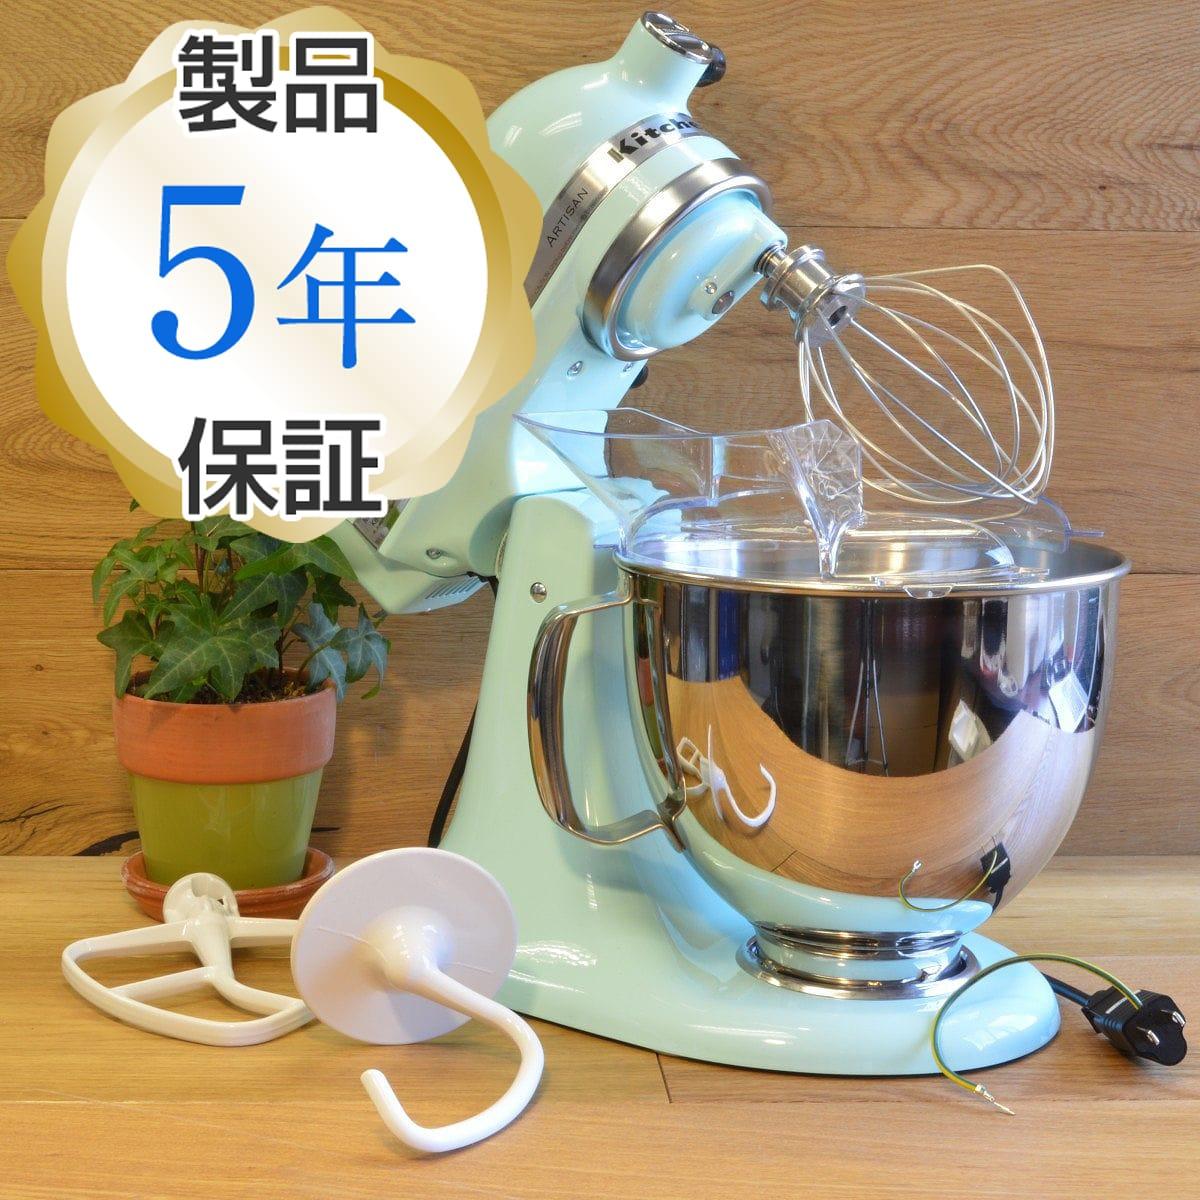 キッチンエイド スタンドミキサー アルチザン 4.8L アイス パステルブルー KitchenAid Artisan 5-Quart Stand Mixers KSM150PSIC Ice【日本語説明書付】 家電